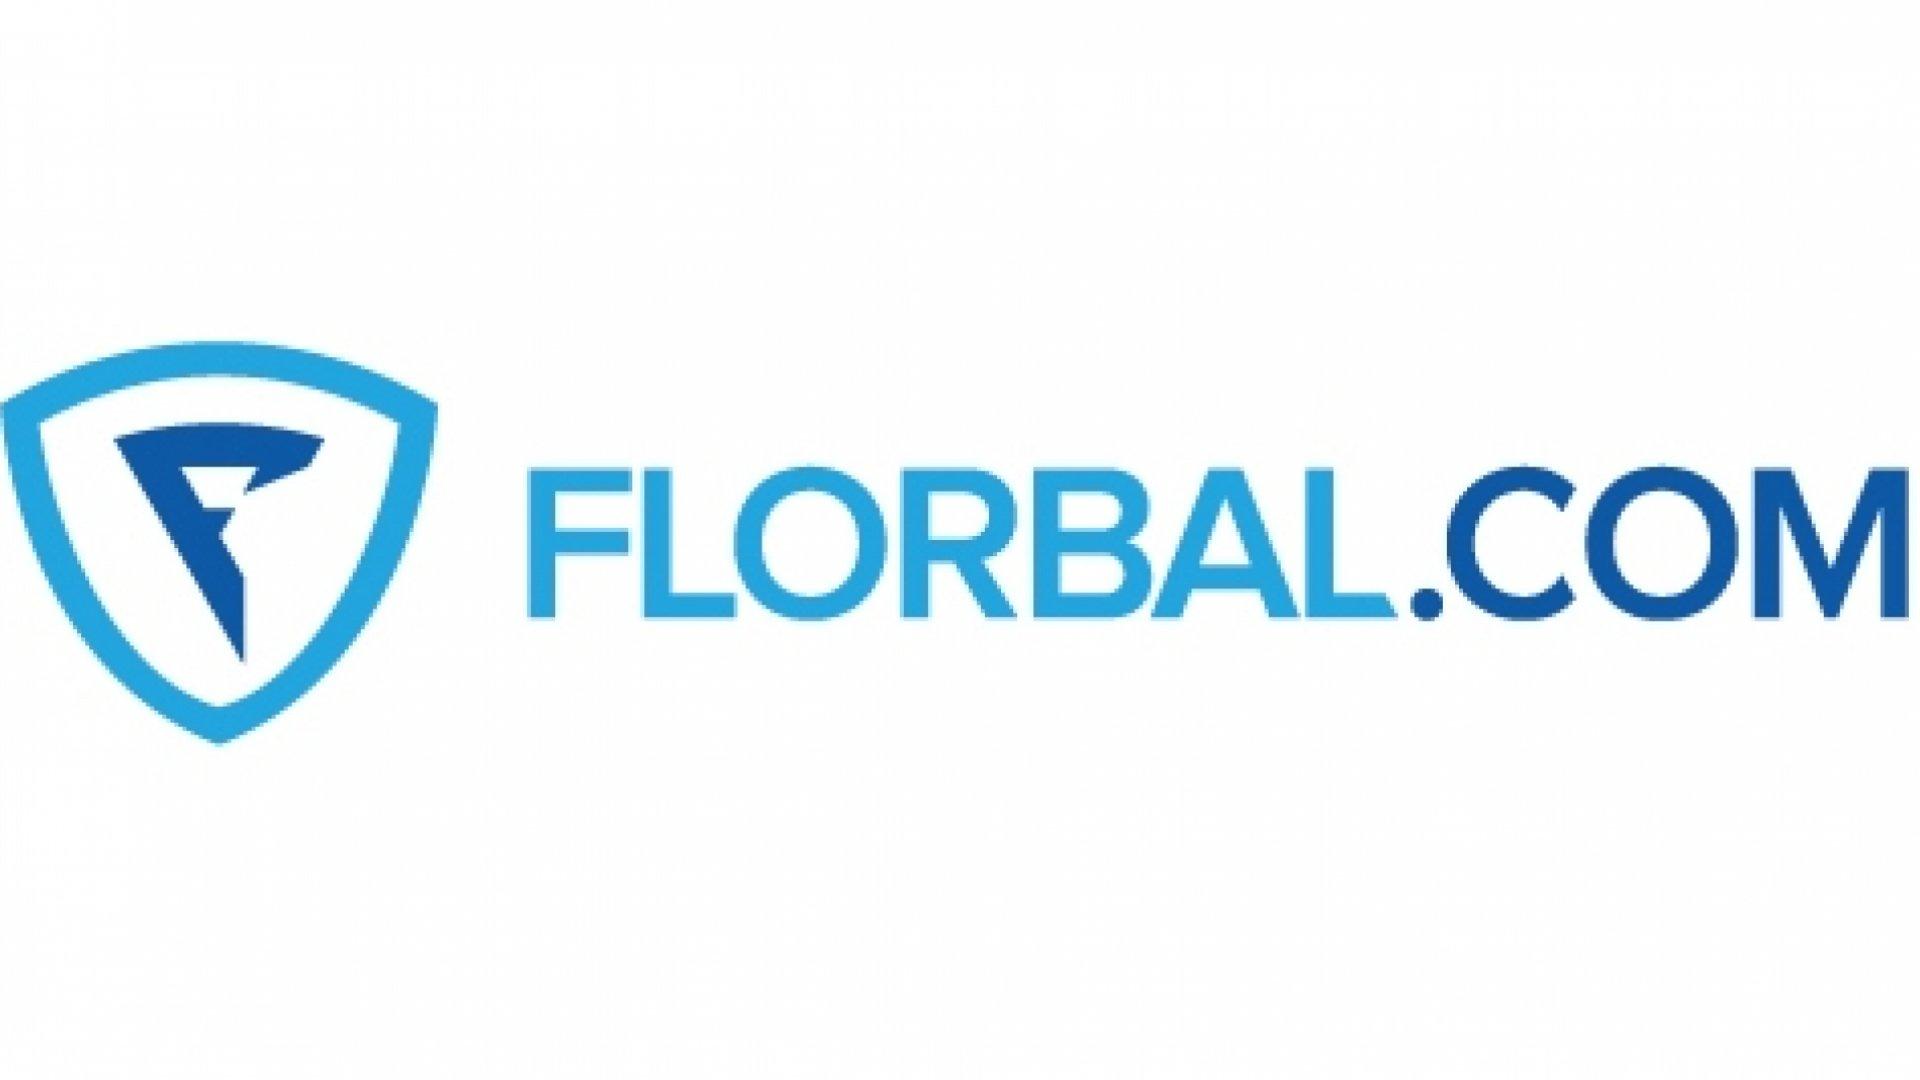 Využijte 35% slevy u Florbal.com v rámci Hattrick Week